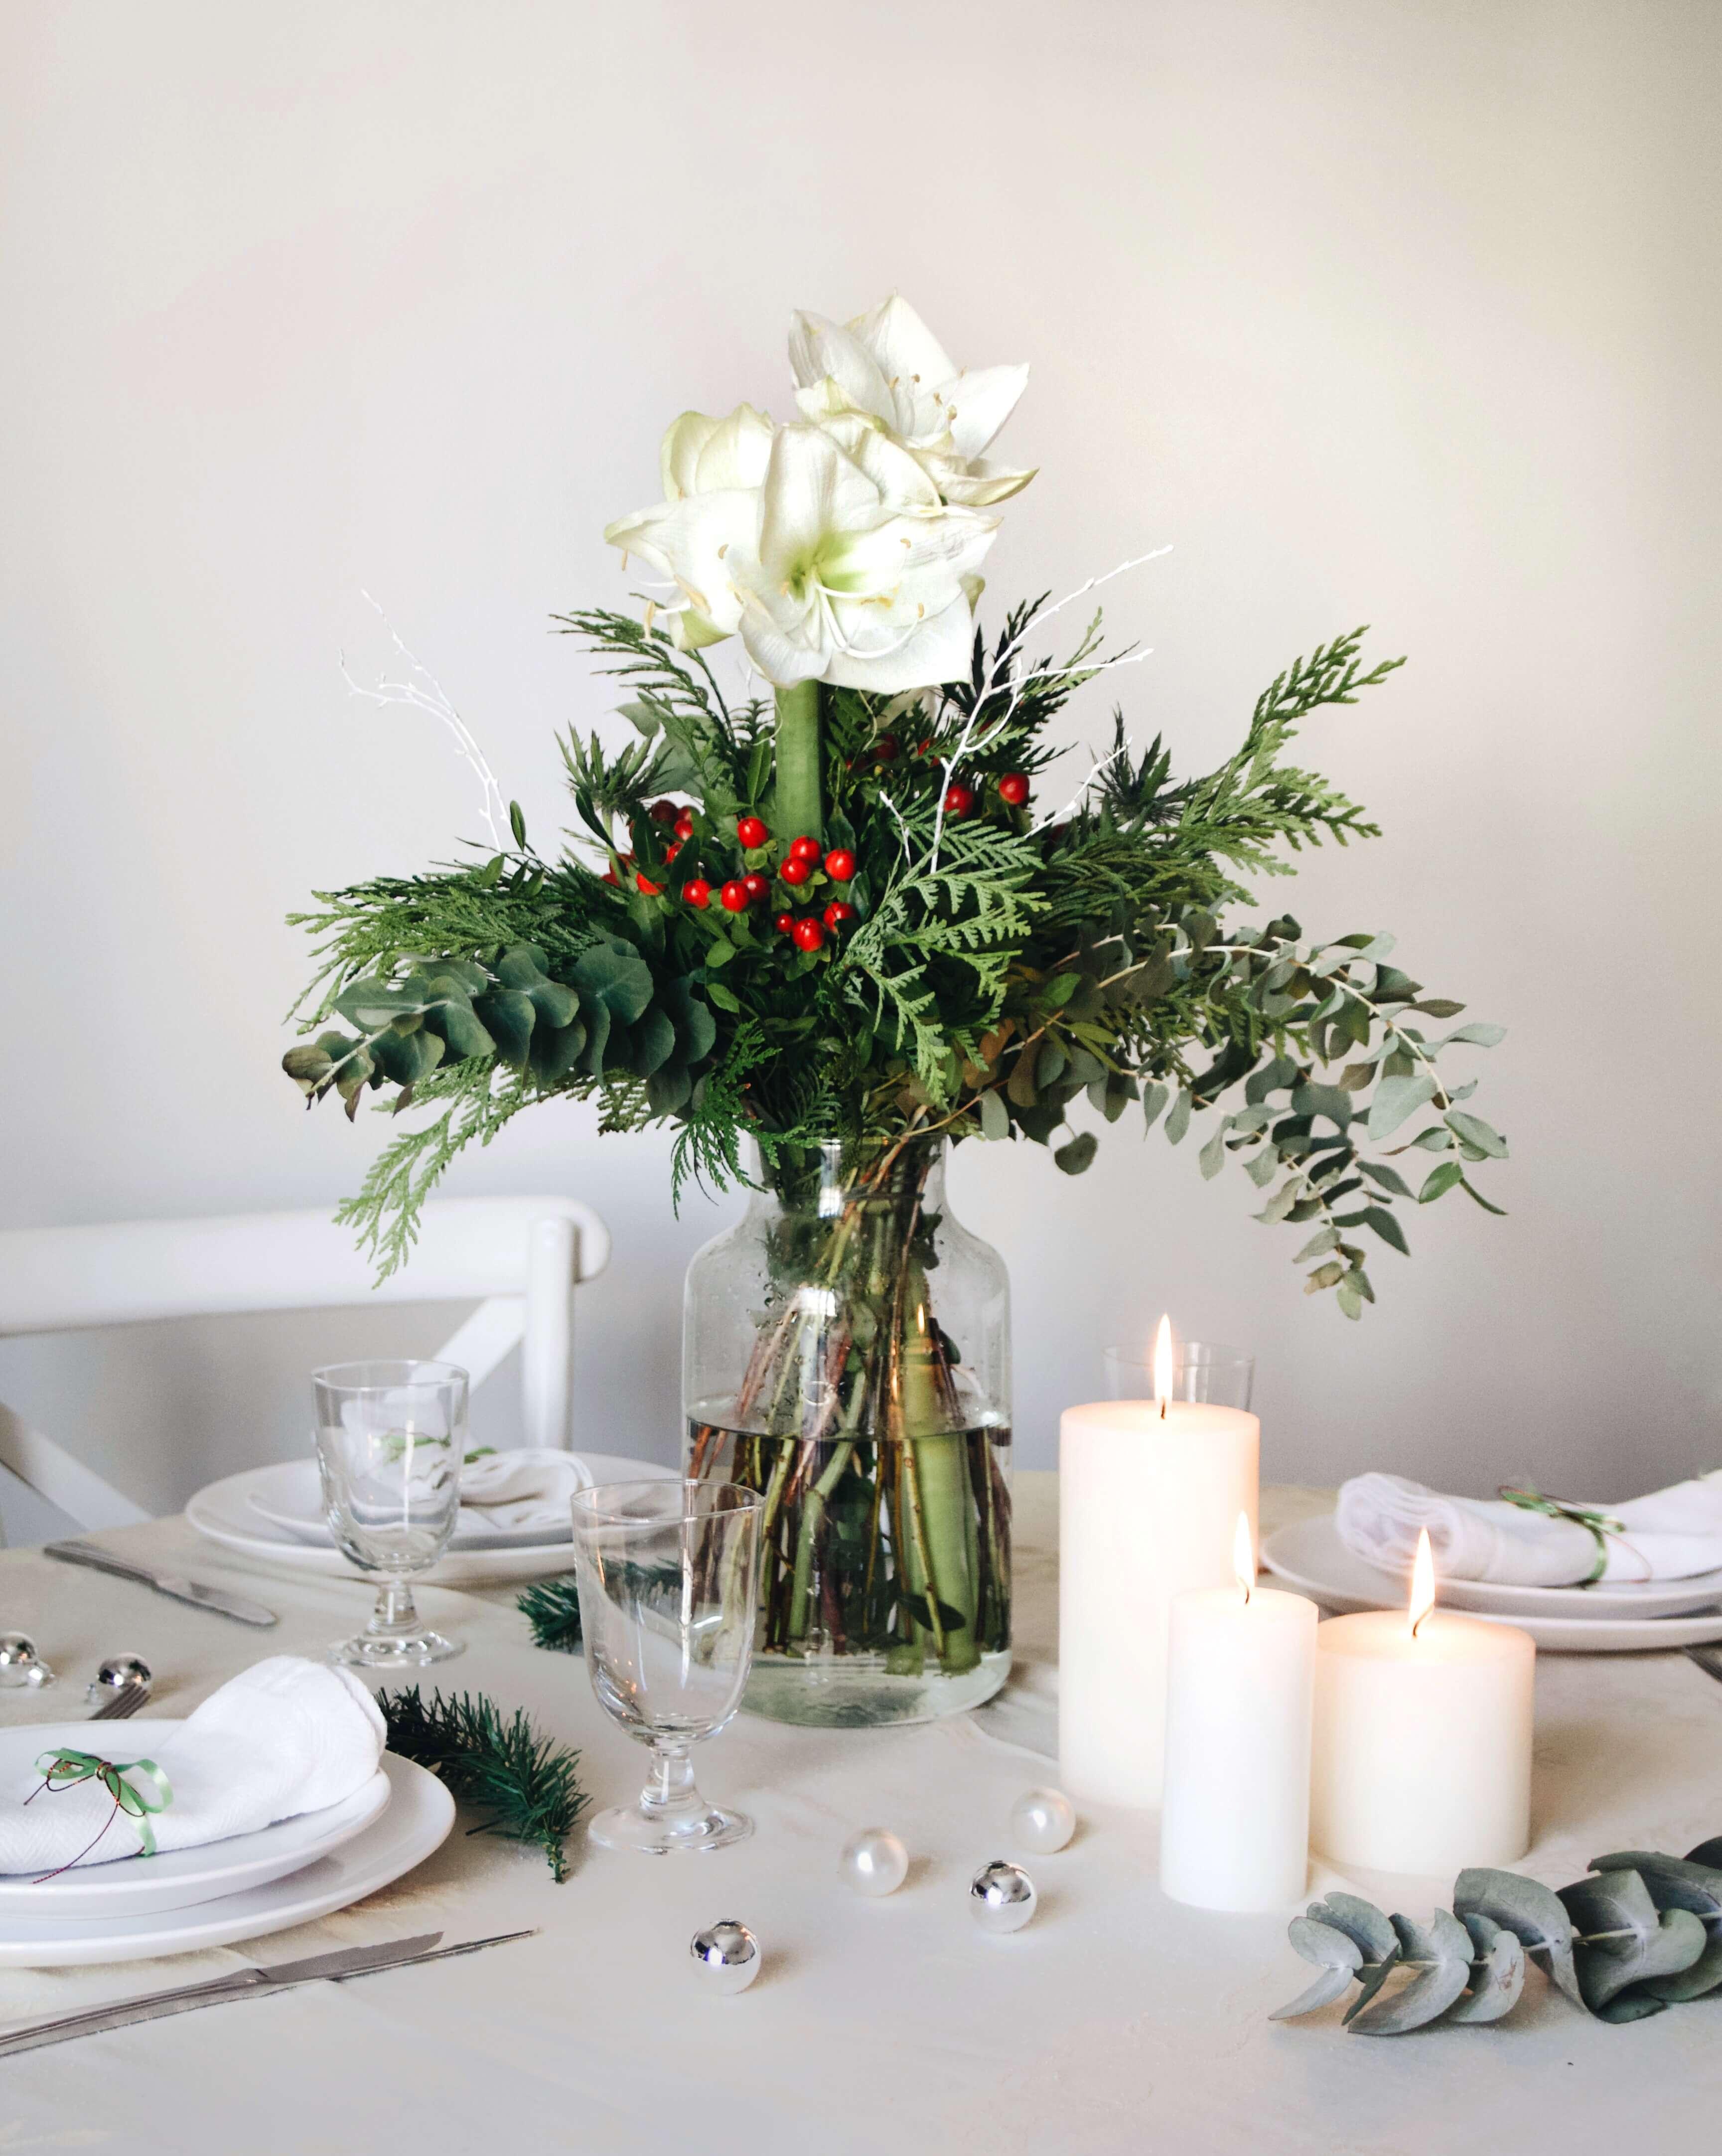 ramo de navidad con amaryllis blancas, snow ball Colvin